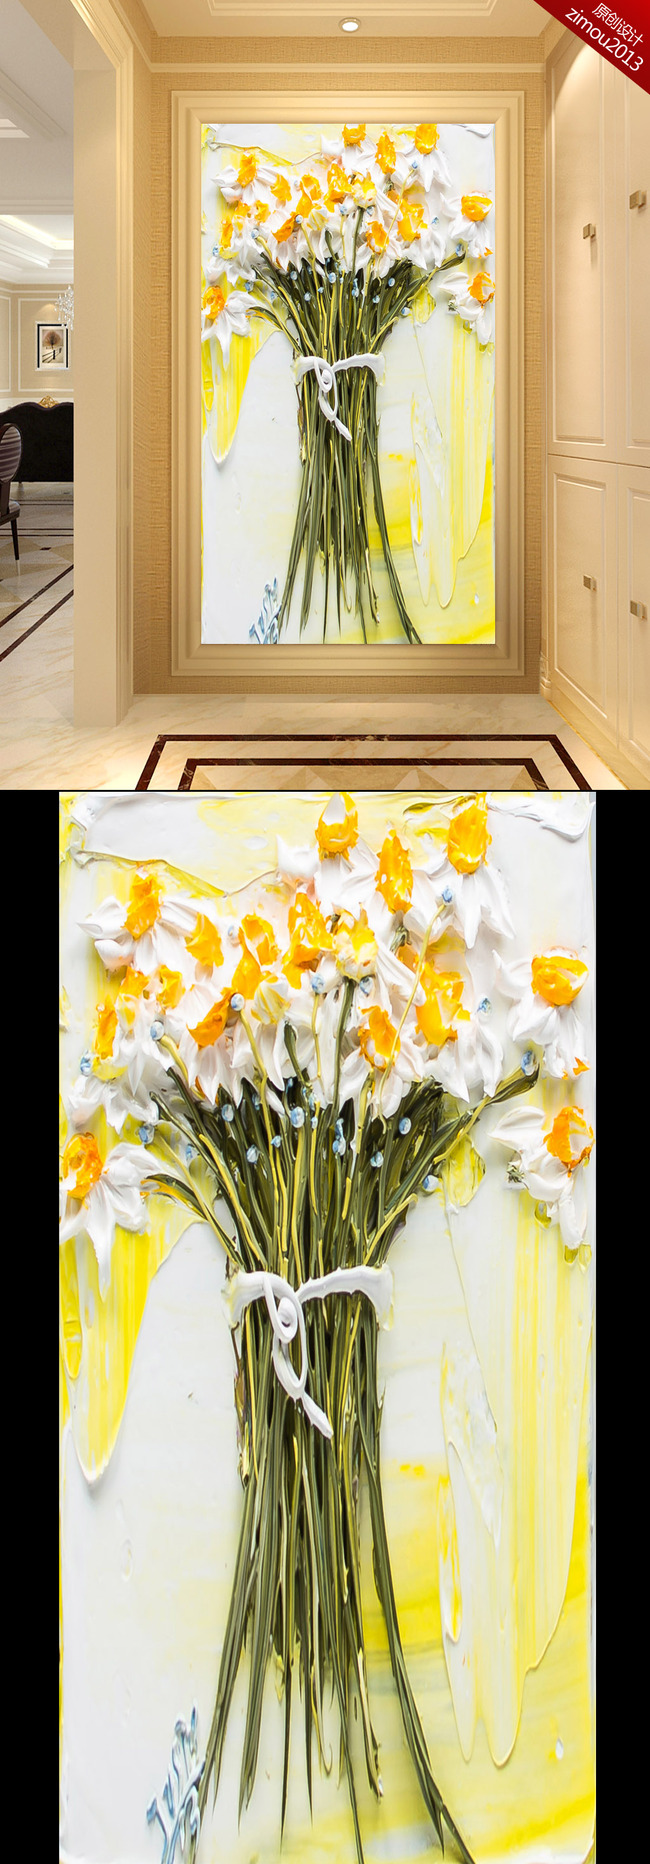 高清手绘立体油画花卉玄关门厅壁画